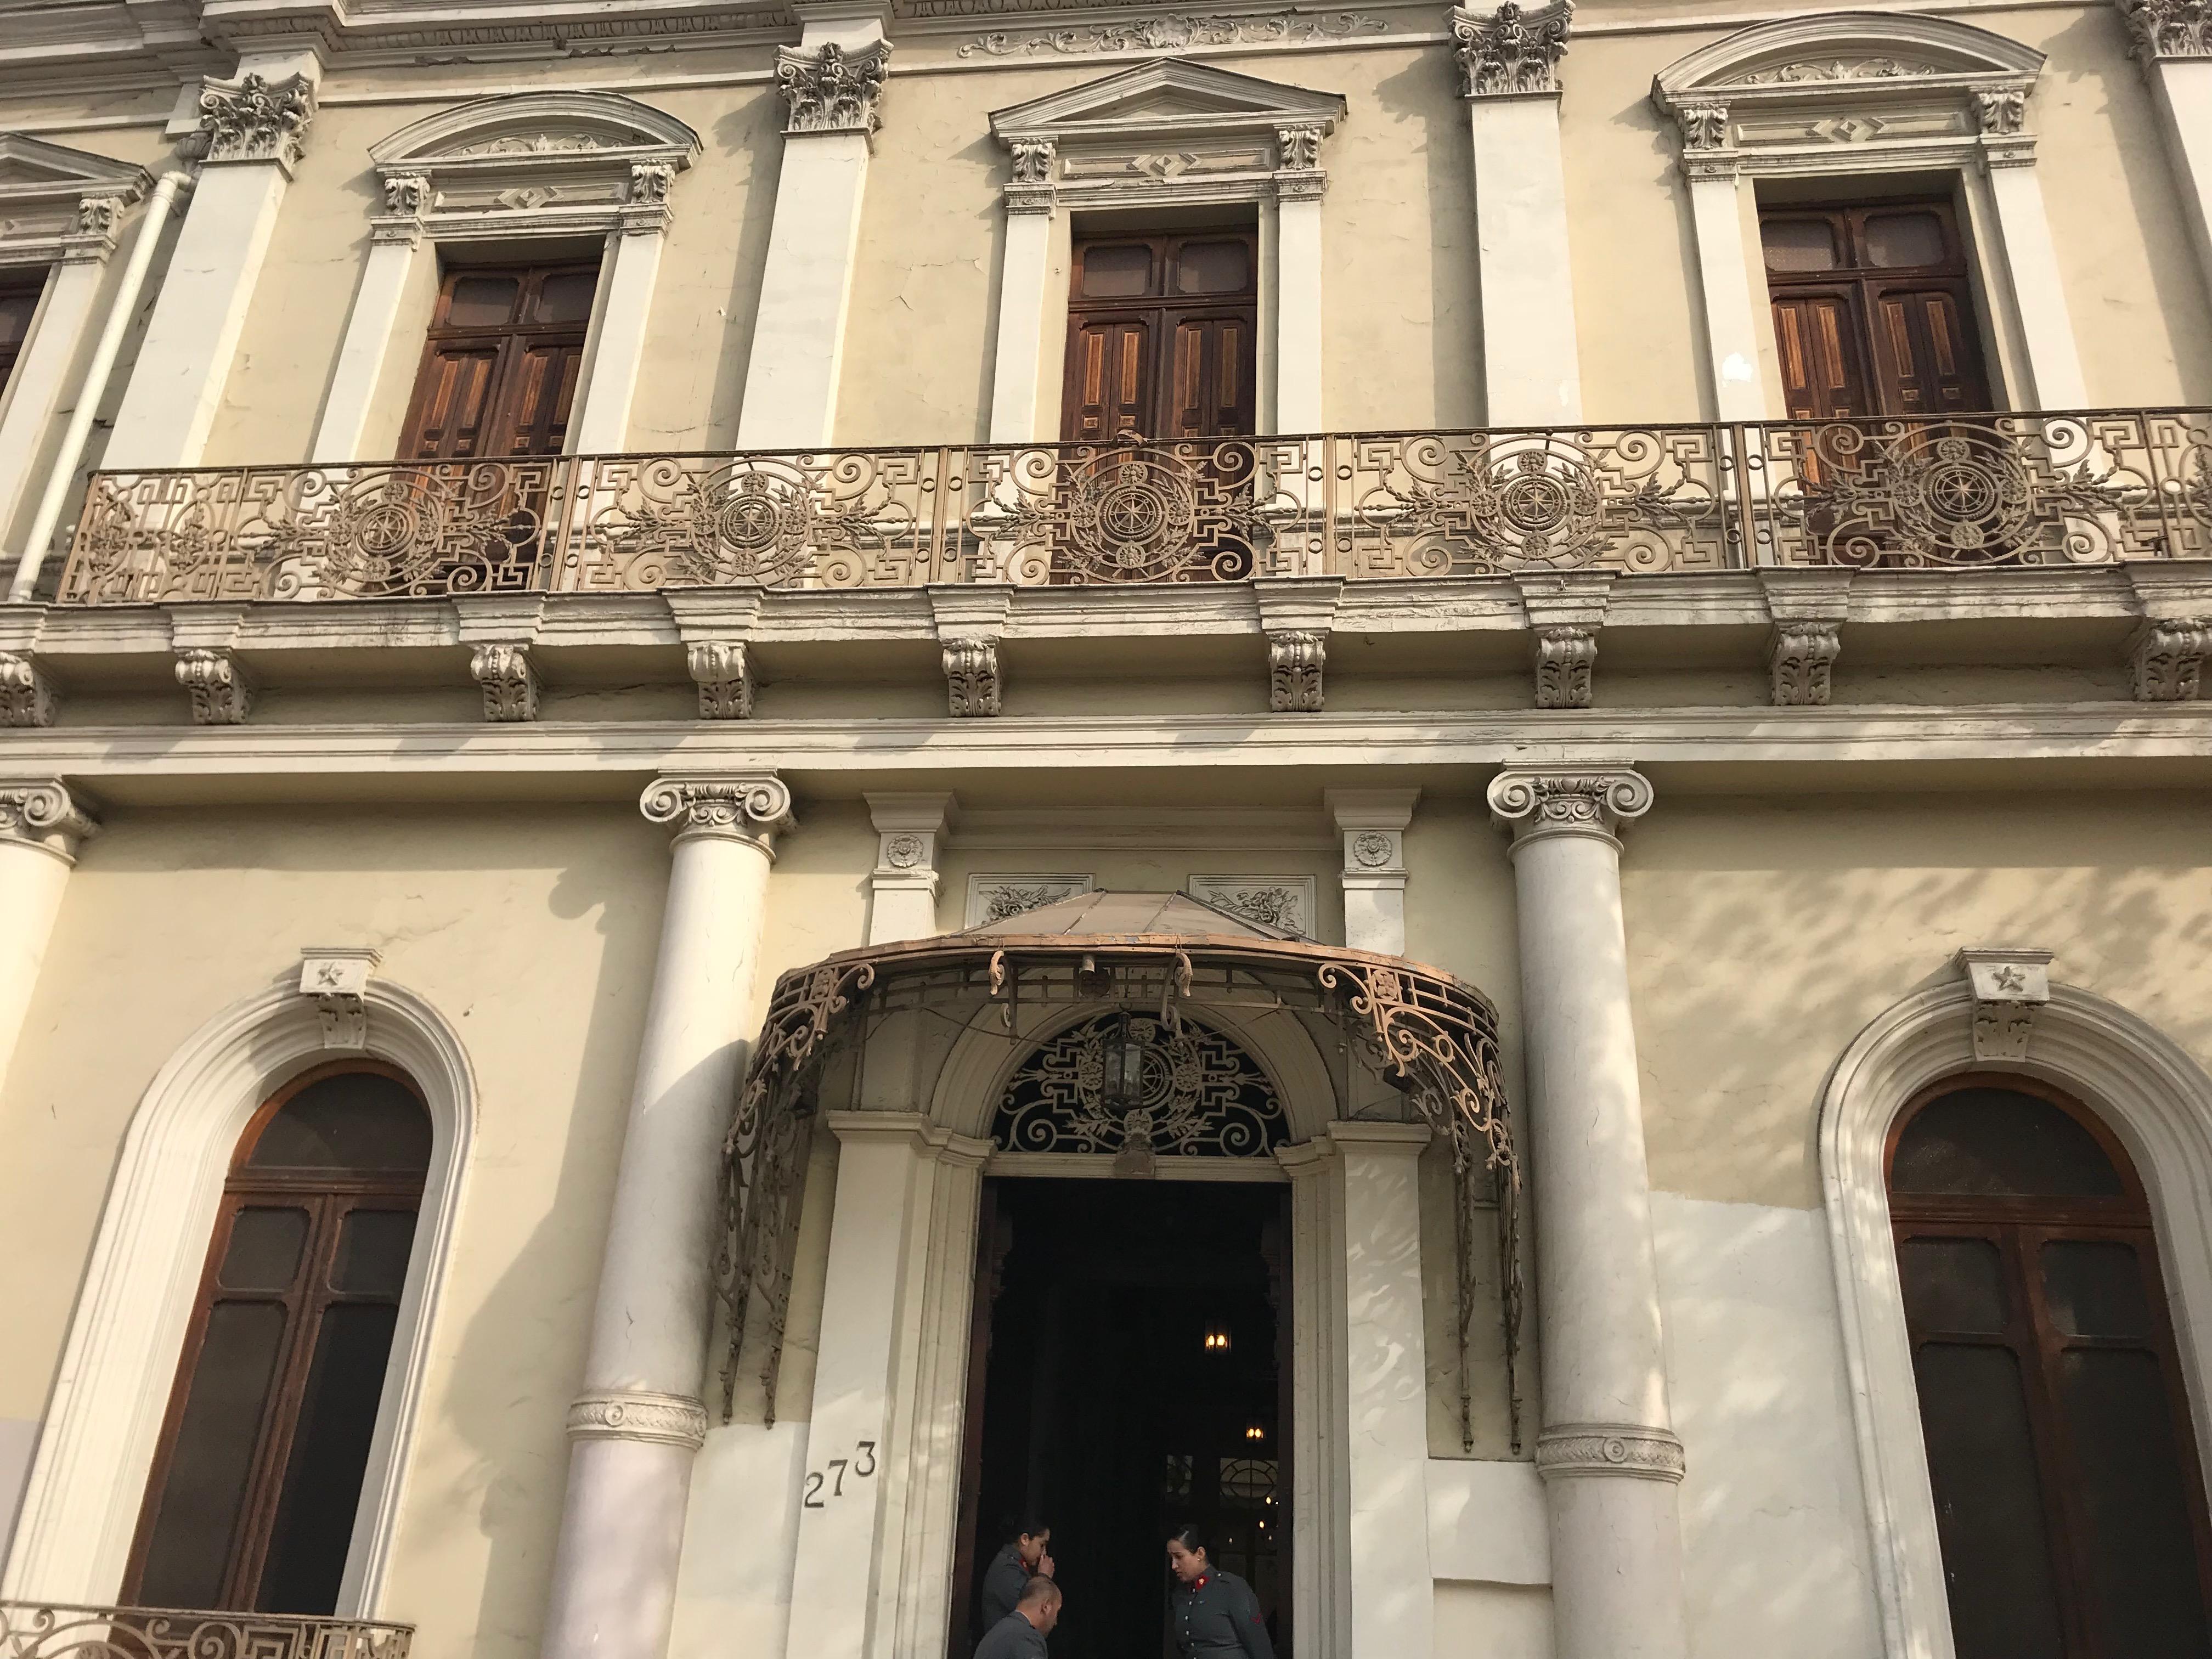 SALUDO PROTOCOLAR DEL OFICIAL REGIONAL DE SEGURIDAD DE LA EMBAJADA ESTADOS UNIDOS EN CHILE